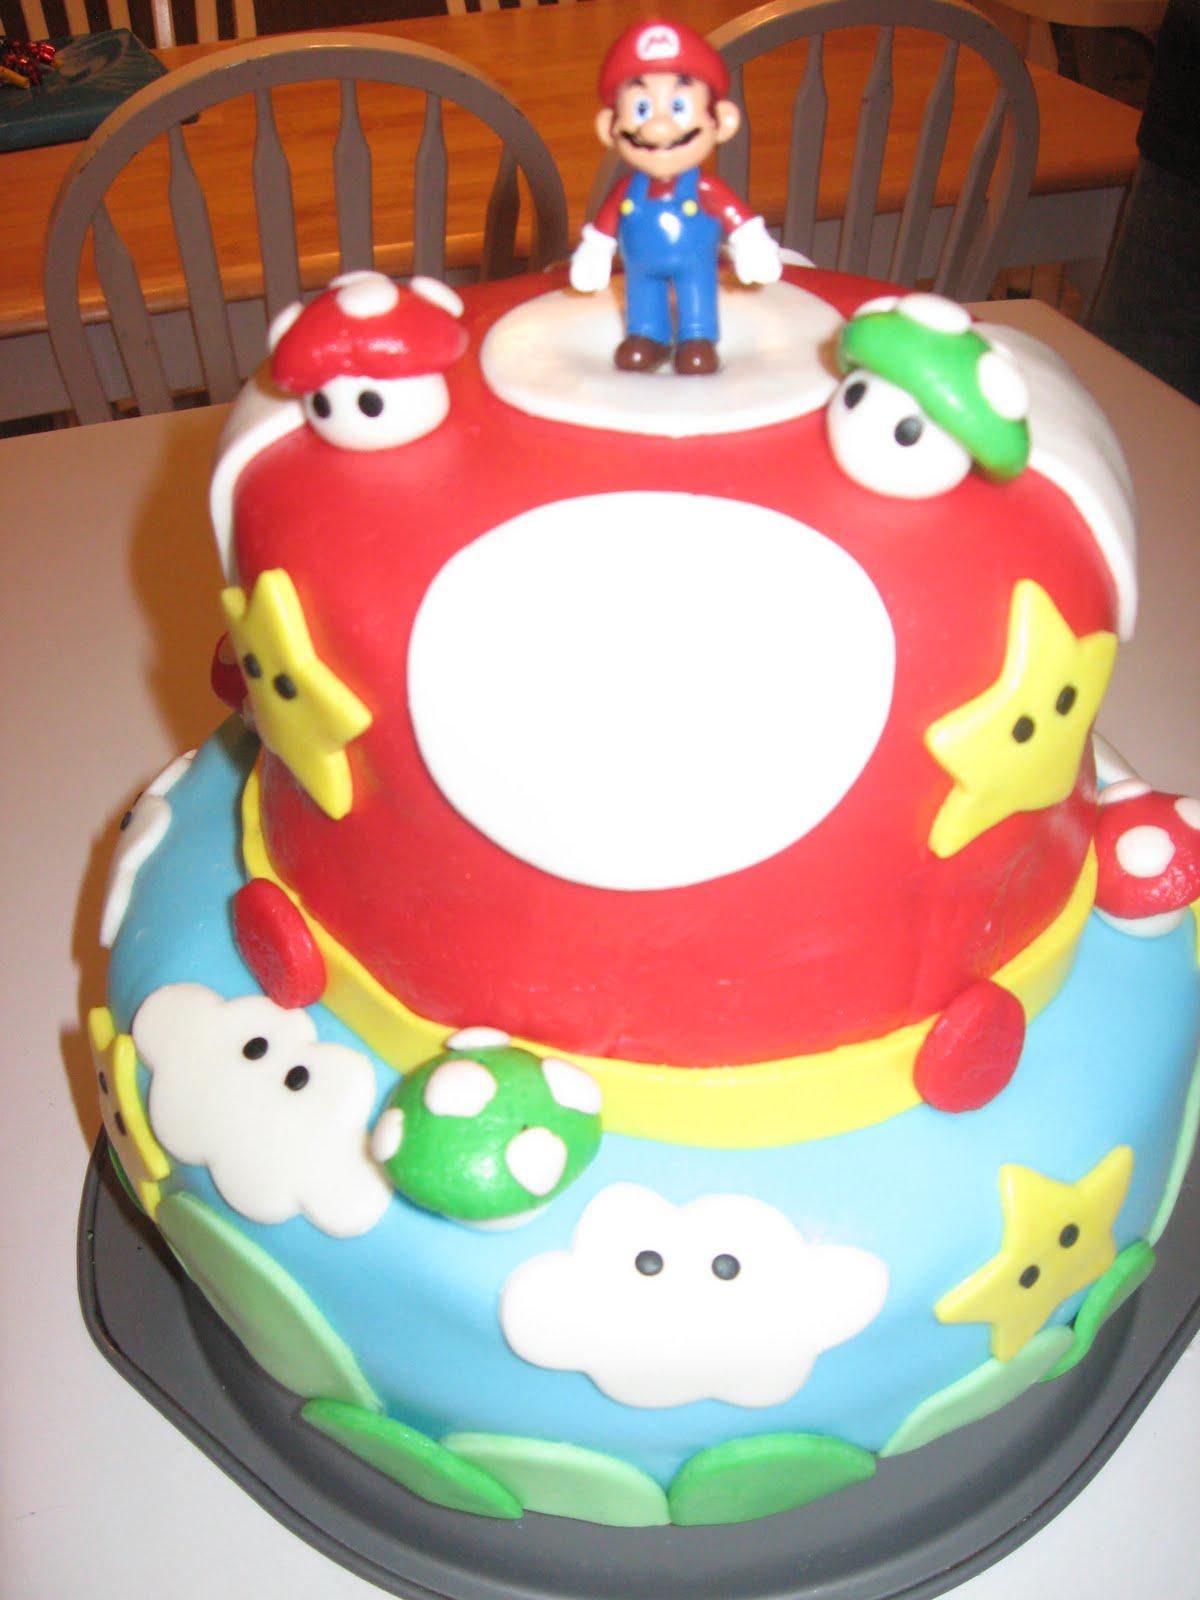 Mario cakes decoration ideas little birthday cakes - Birthday cake decorations ideas ...